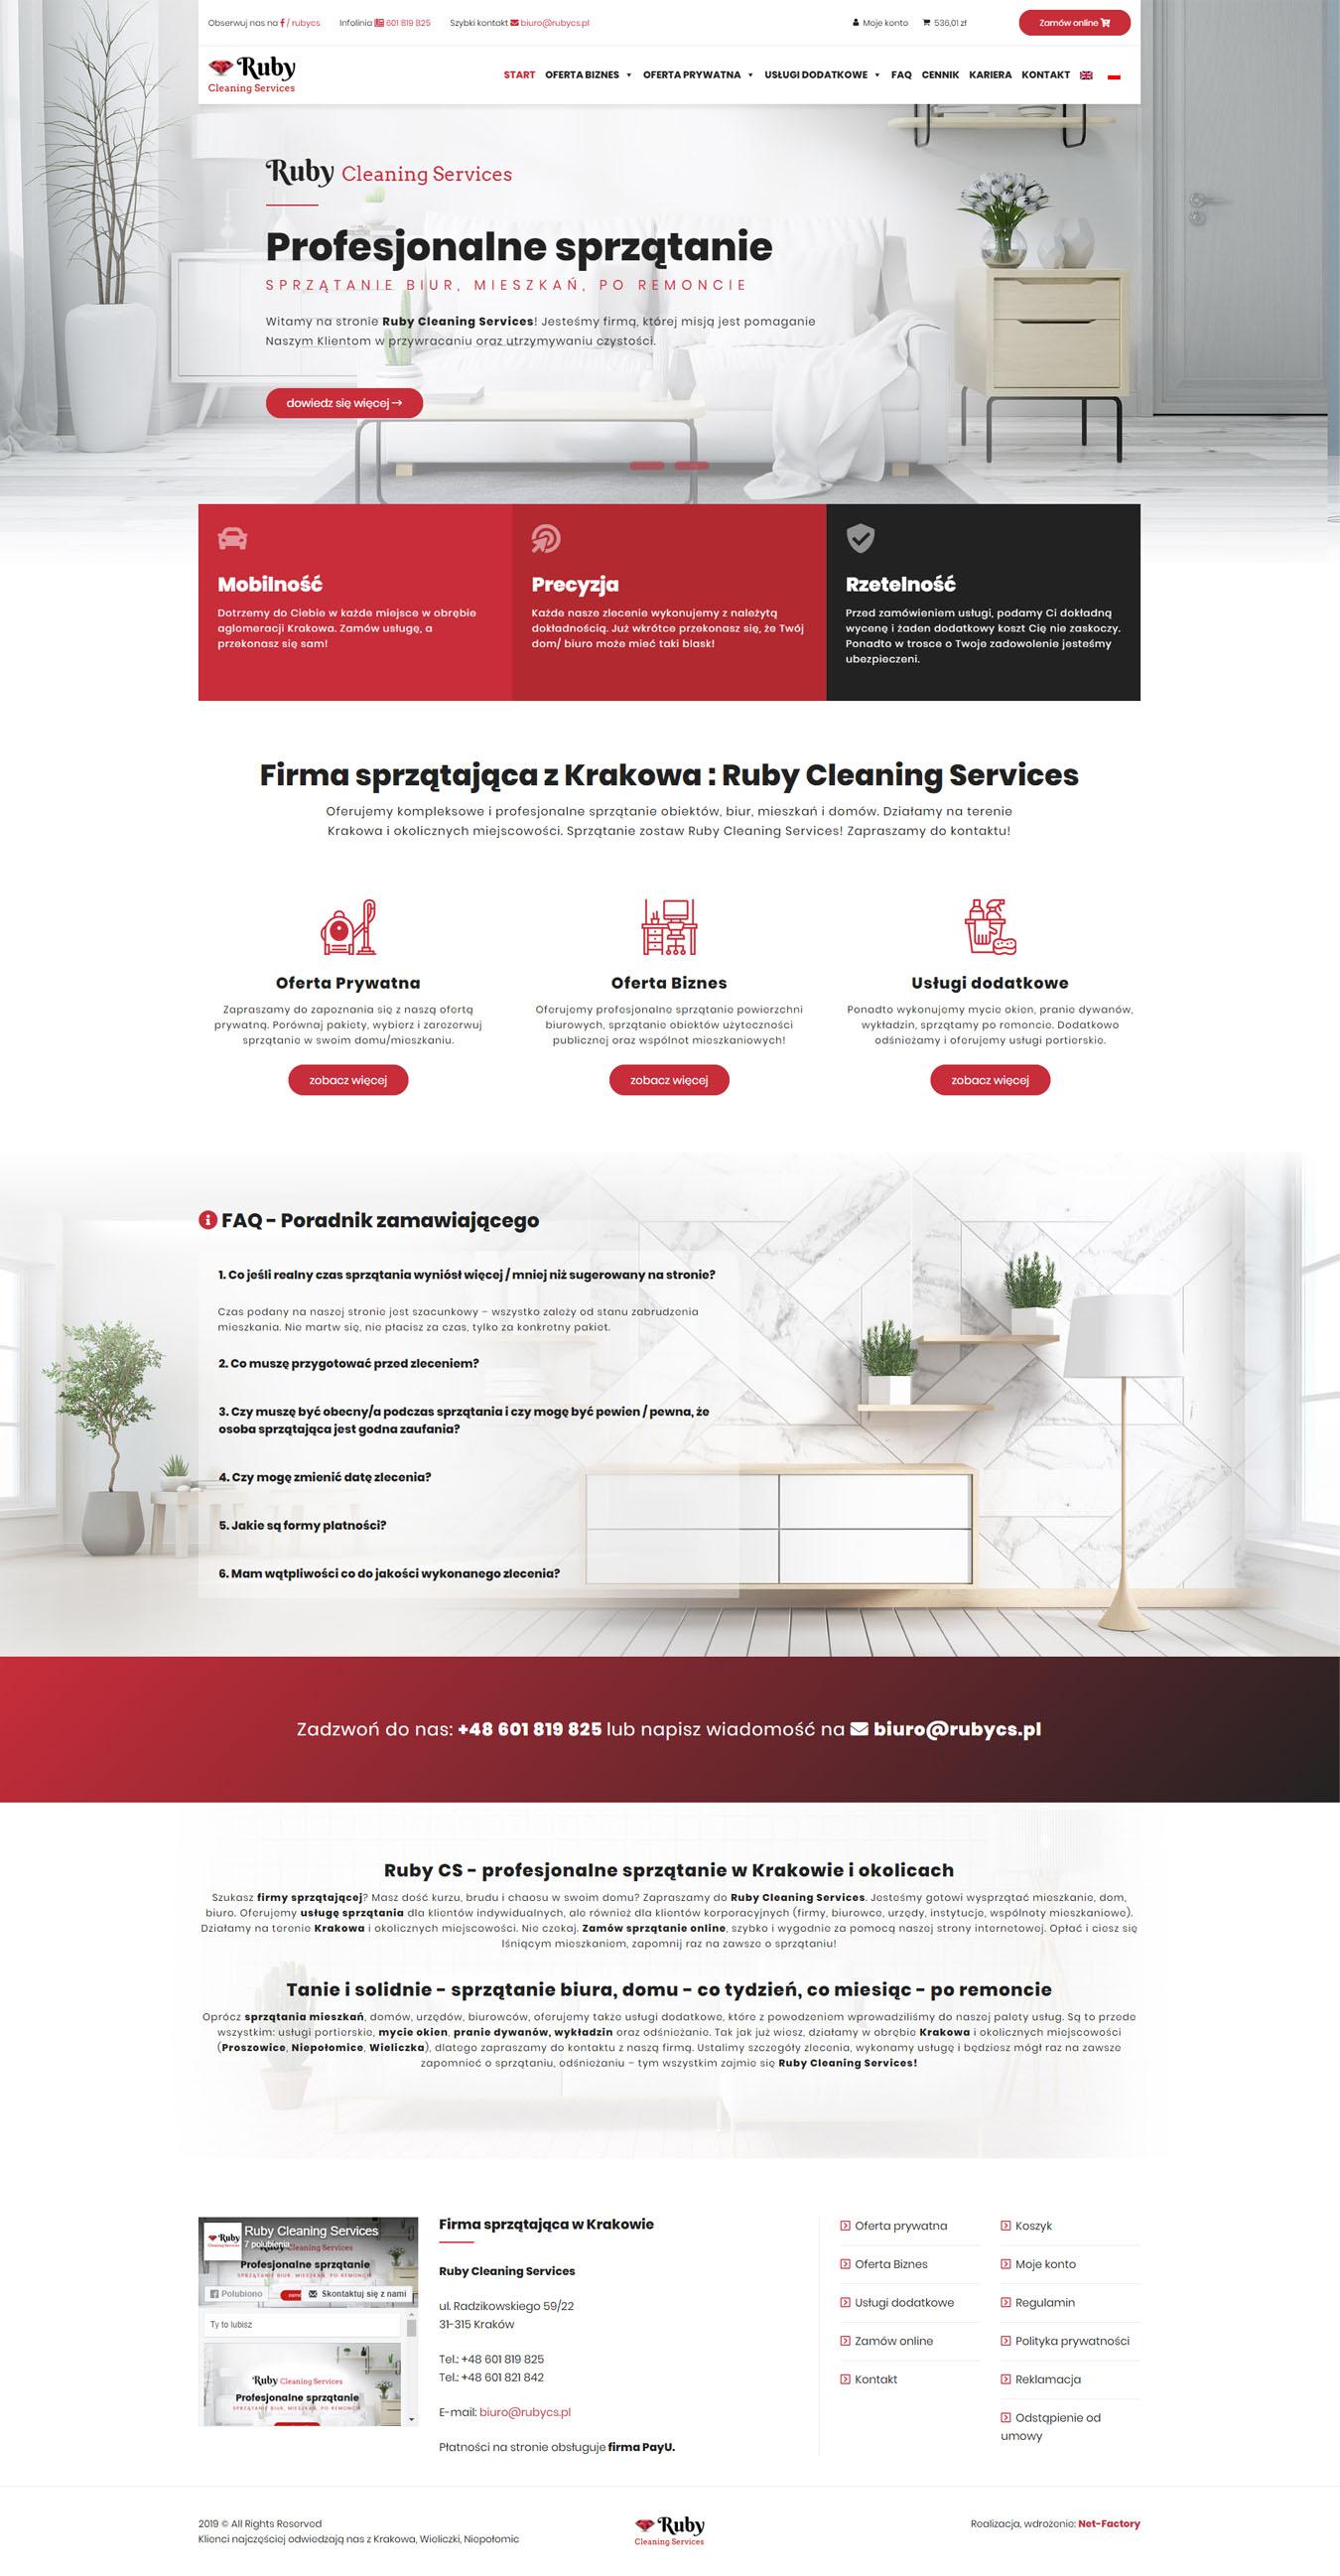 Responsywna strona sprzedażowa dla Ruby Cleaning Service firmy sprzątającej z Krakowa